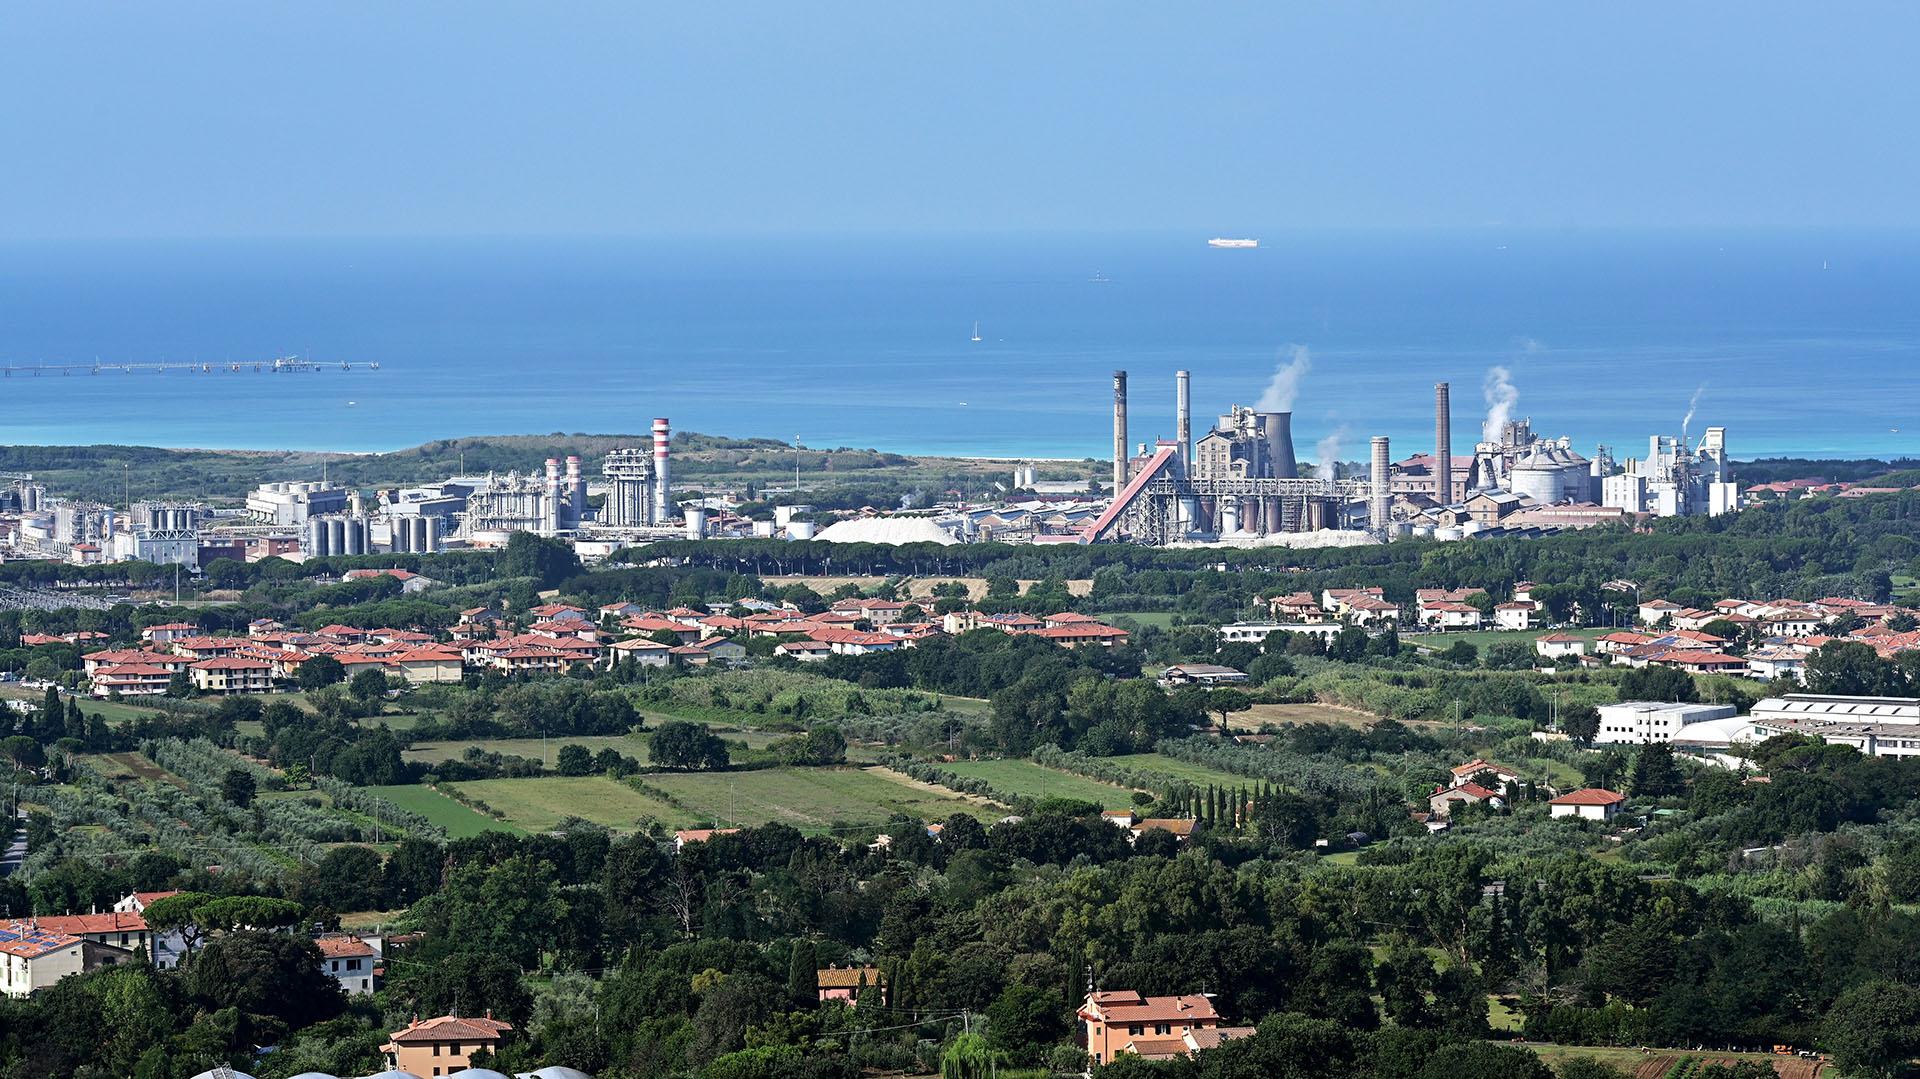 Esta vista general muestra la vista desde la oficina del alcalde de la planta química The Solvay. (Foto de Vincenzo PINTO / AFP)